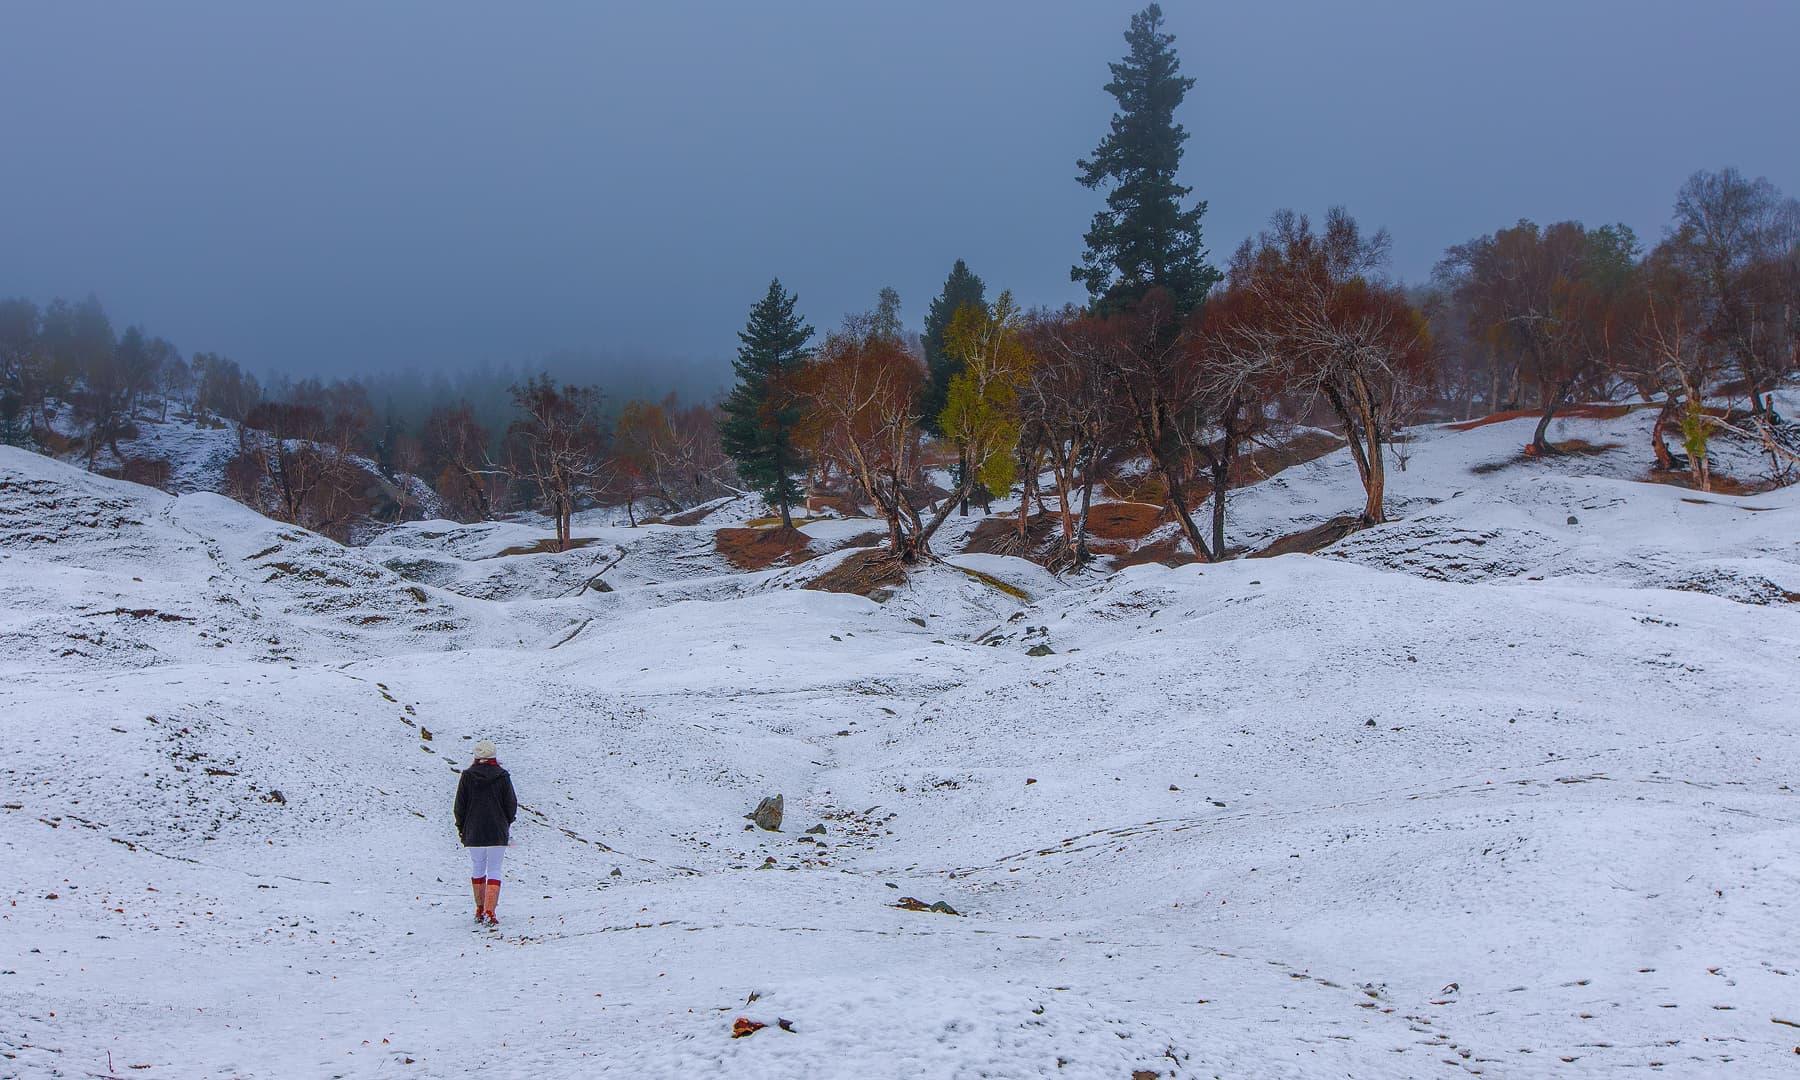 نلتر کی پہلی برفباری — فوٹو سید مہدی بخاری